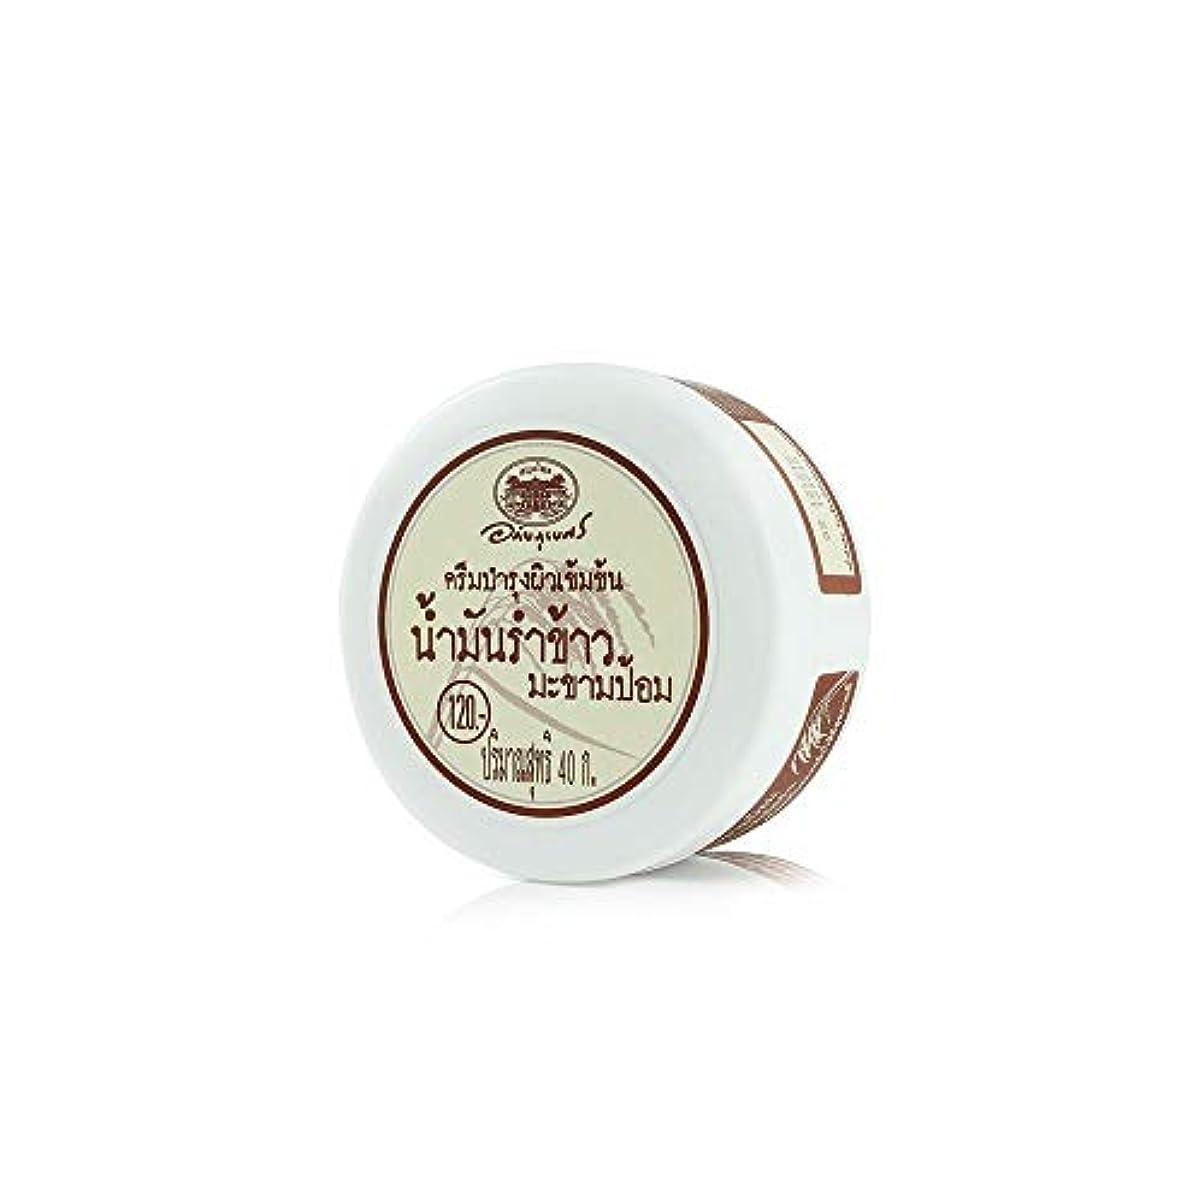 天気南耳Abhaibhubejhr Rice Bran Oil Plus Tamarind Extract Herbal Body Cream 40g. Abhaibhubejhrライスブランオイルプラスタマリンドエクストラクトハーブボディクリーム...